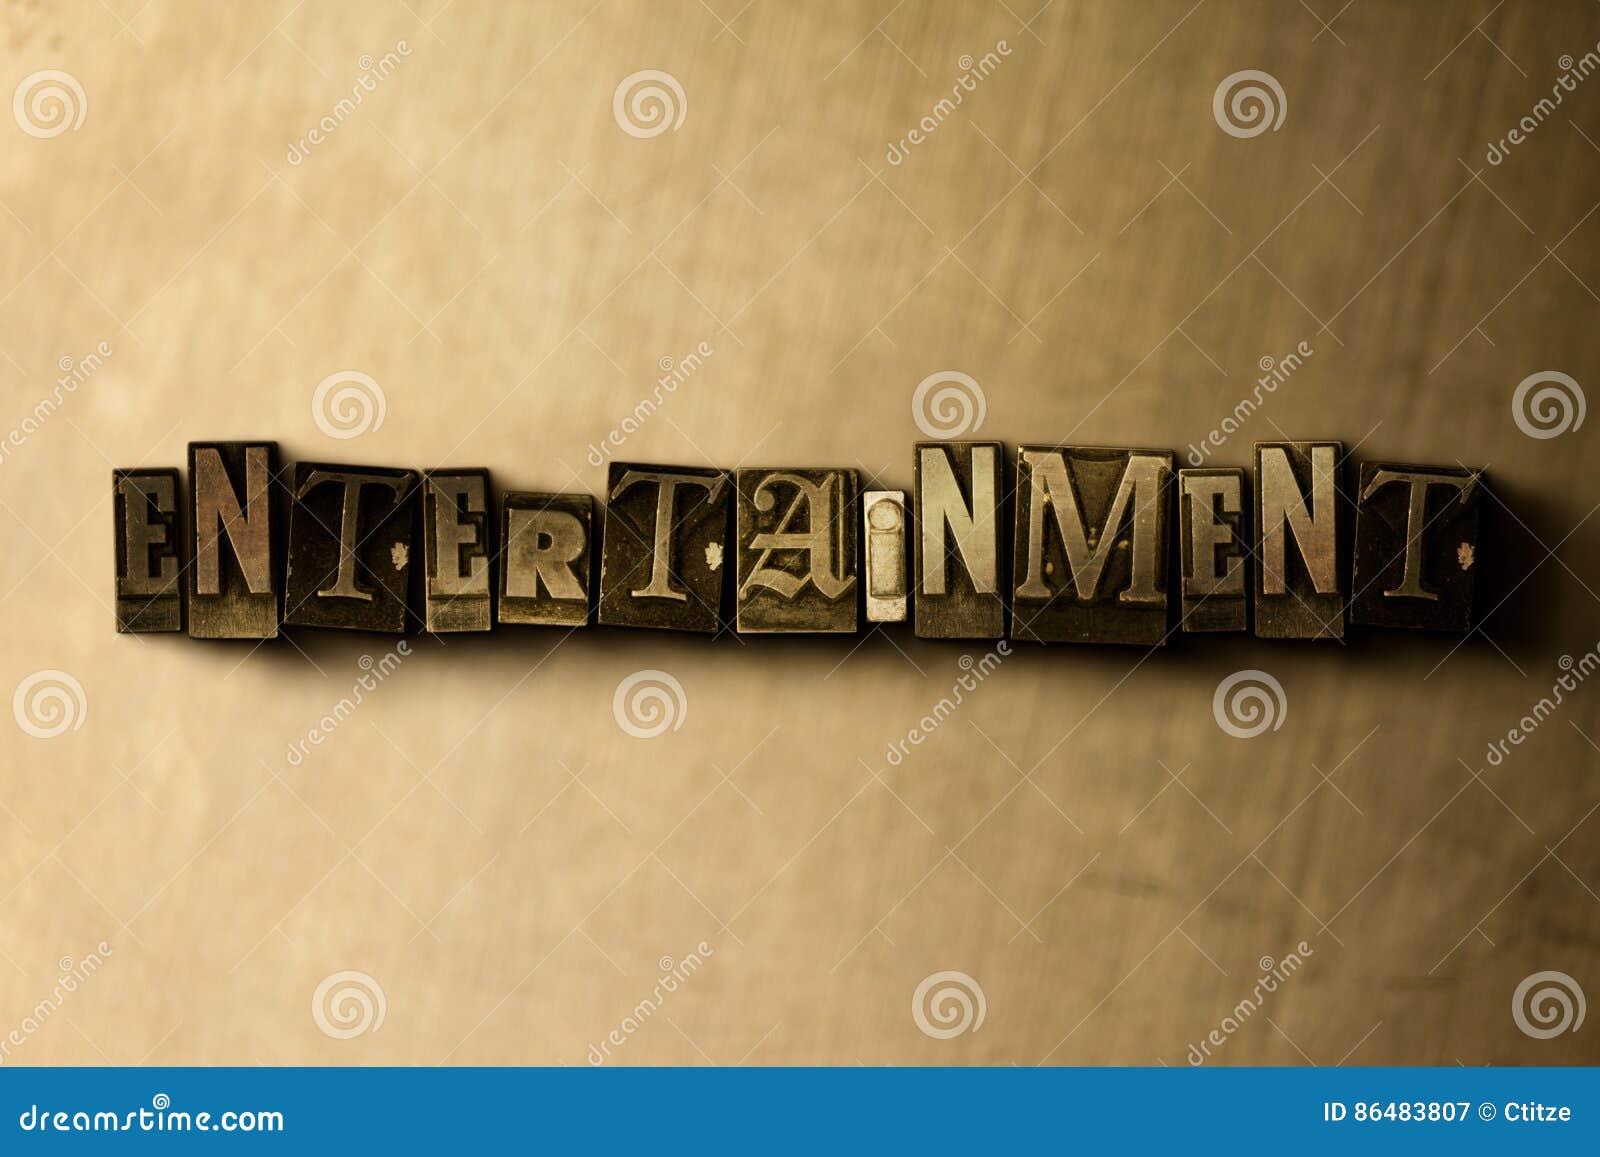 UNDERHÅLLNING - närbild av det typsatta ordet för grungy tappning på metallbakgrunden